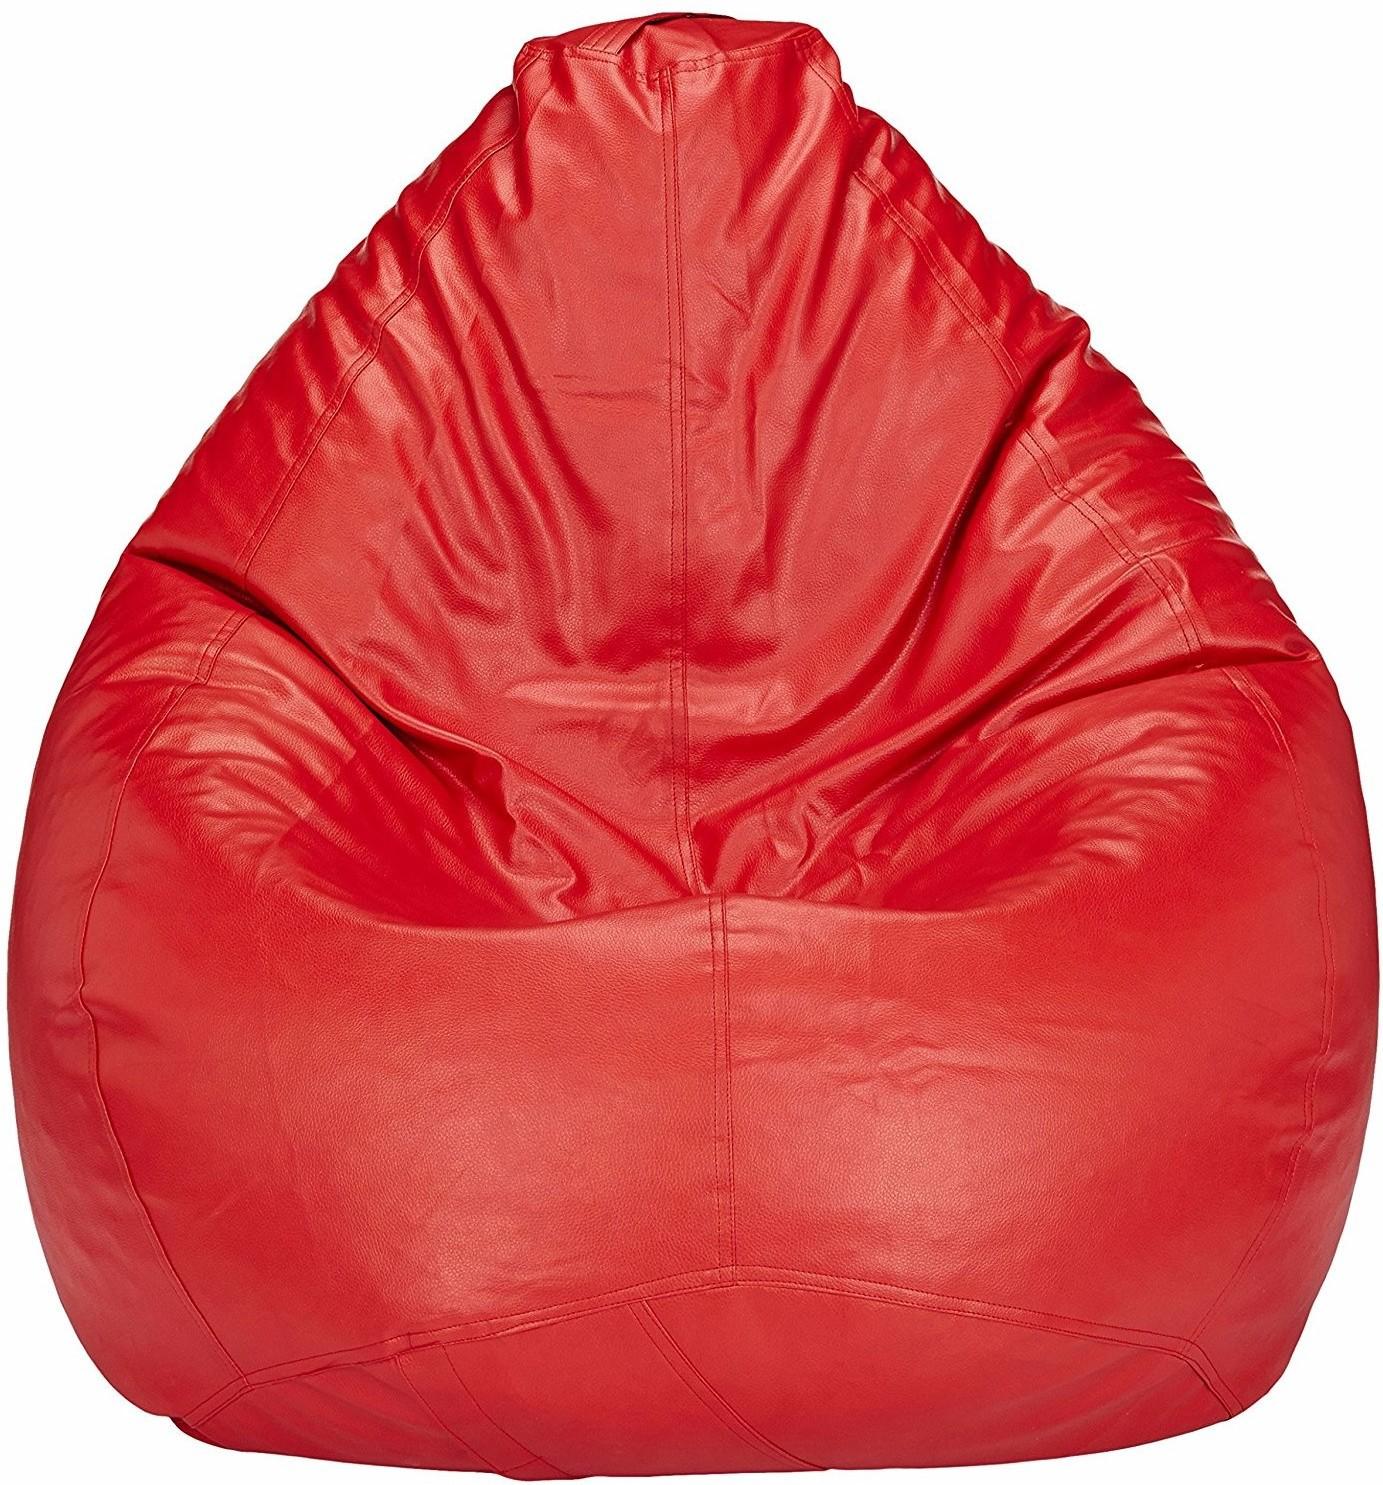 View VSK XXL Bean Bag Cover(Red) Furniture (VSK)